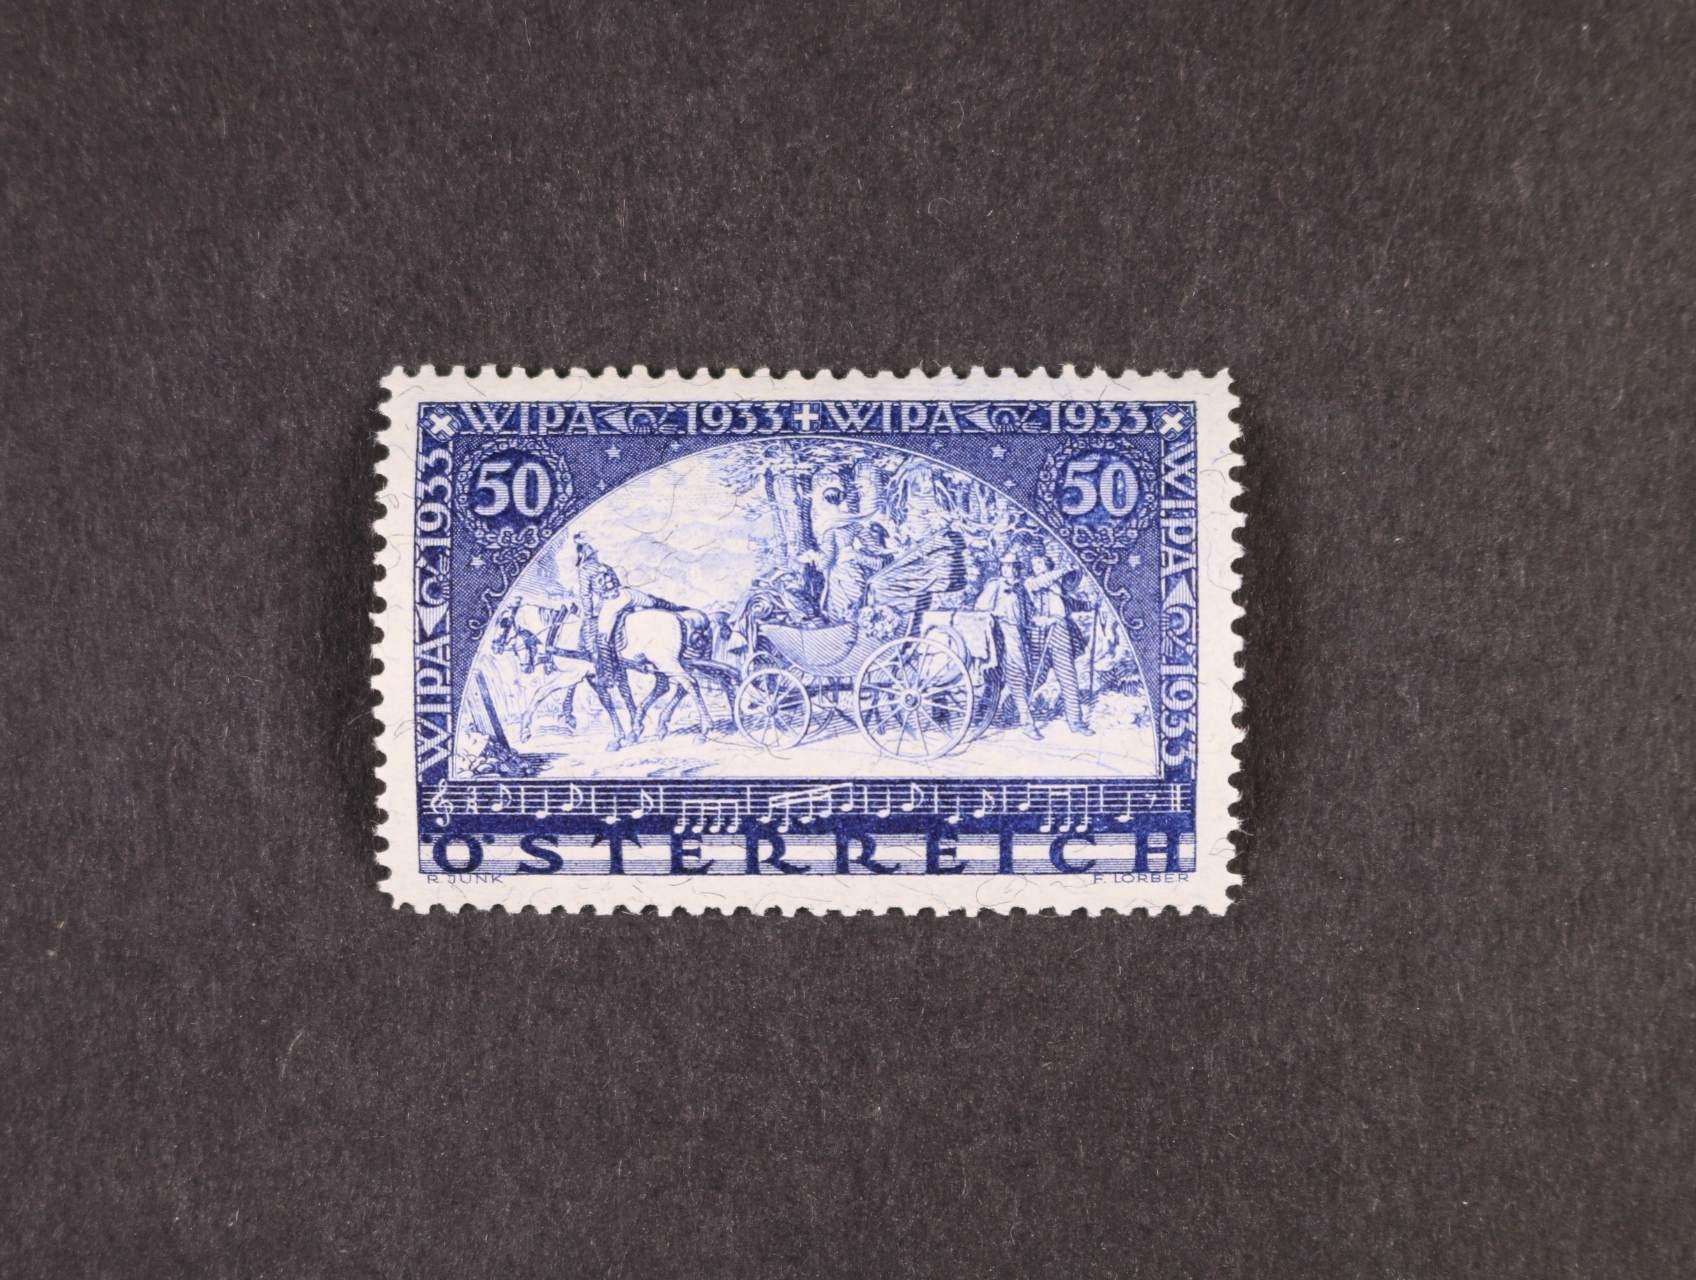 zn. Mi. č. 556 A WIPA - žilkovaný papír, 750 EUR